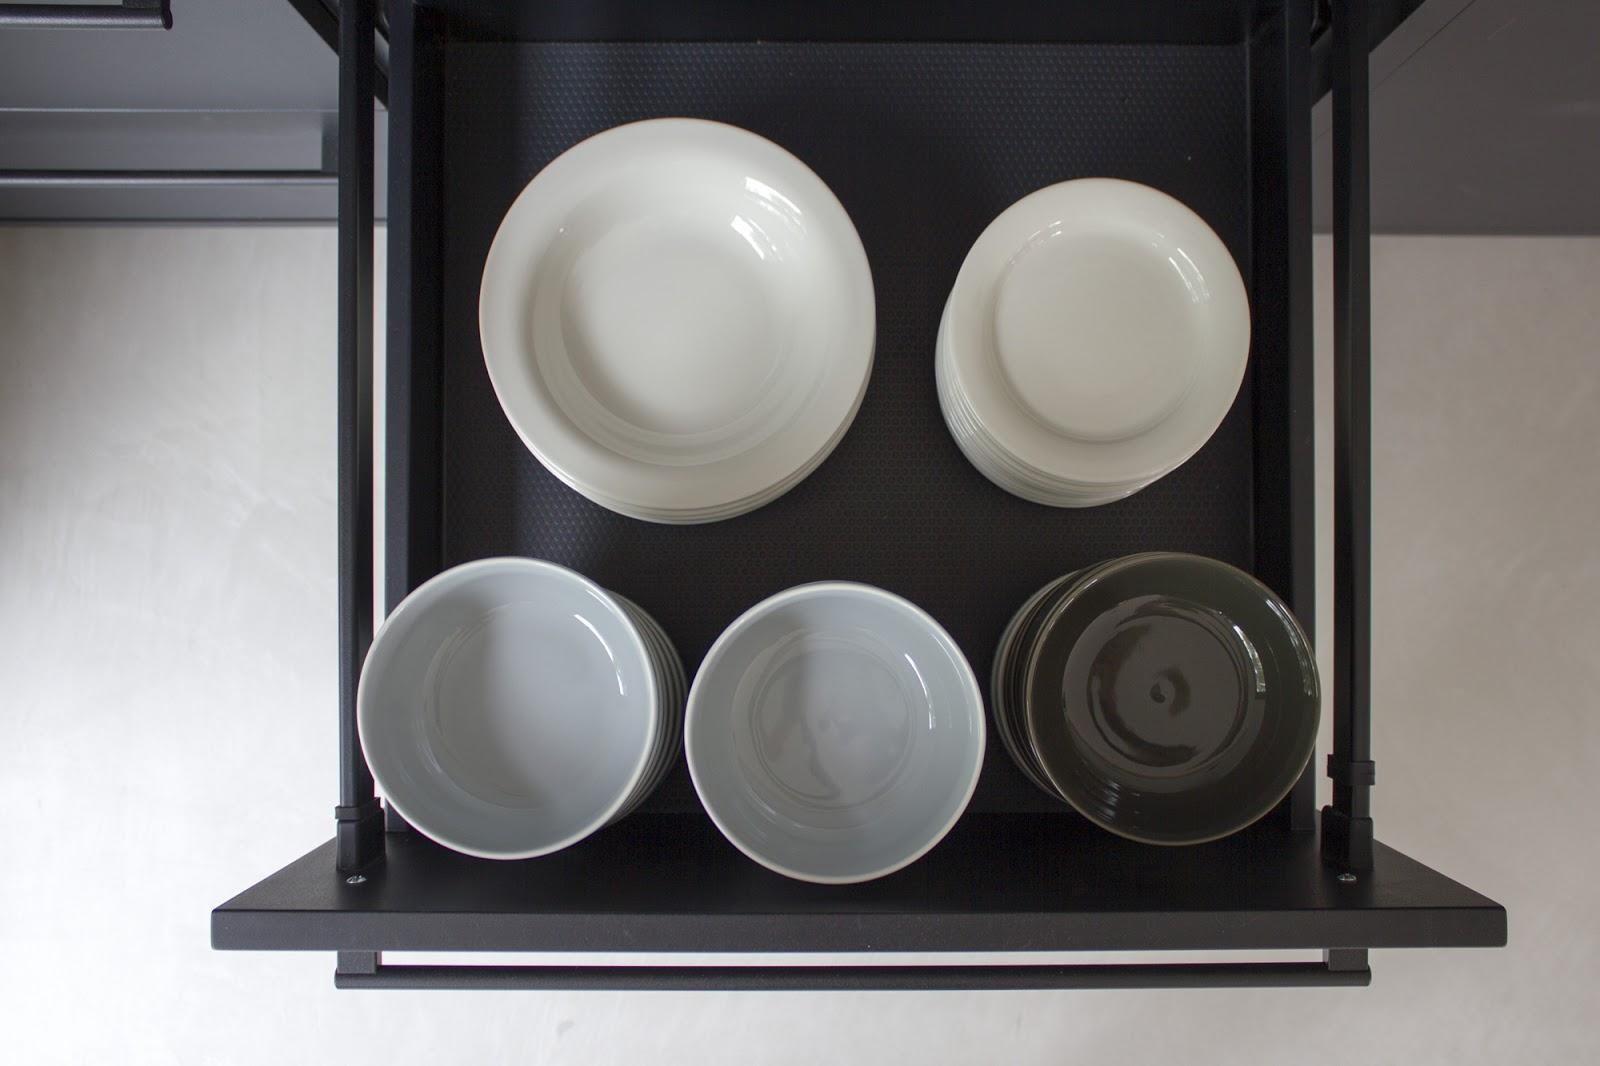 Valanti matta musta keittiö laatikot